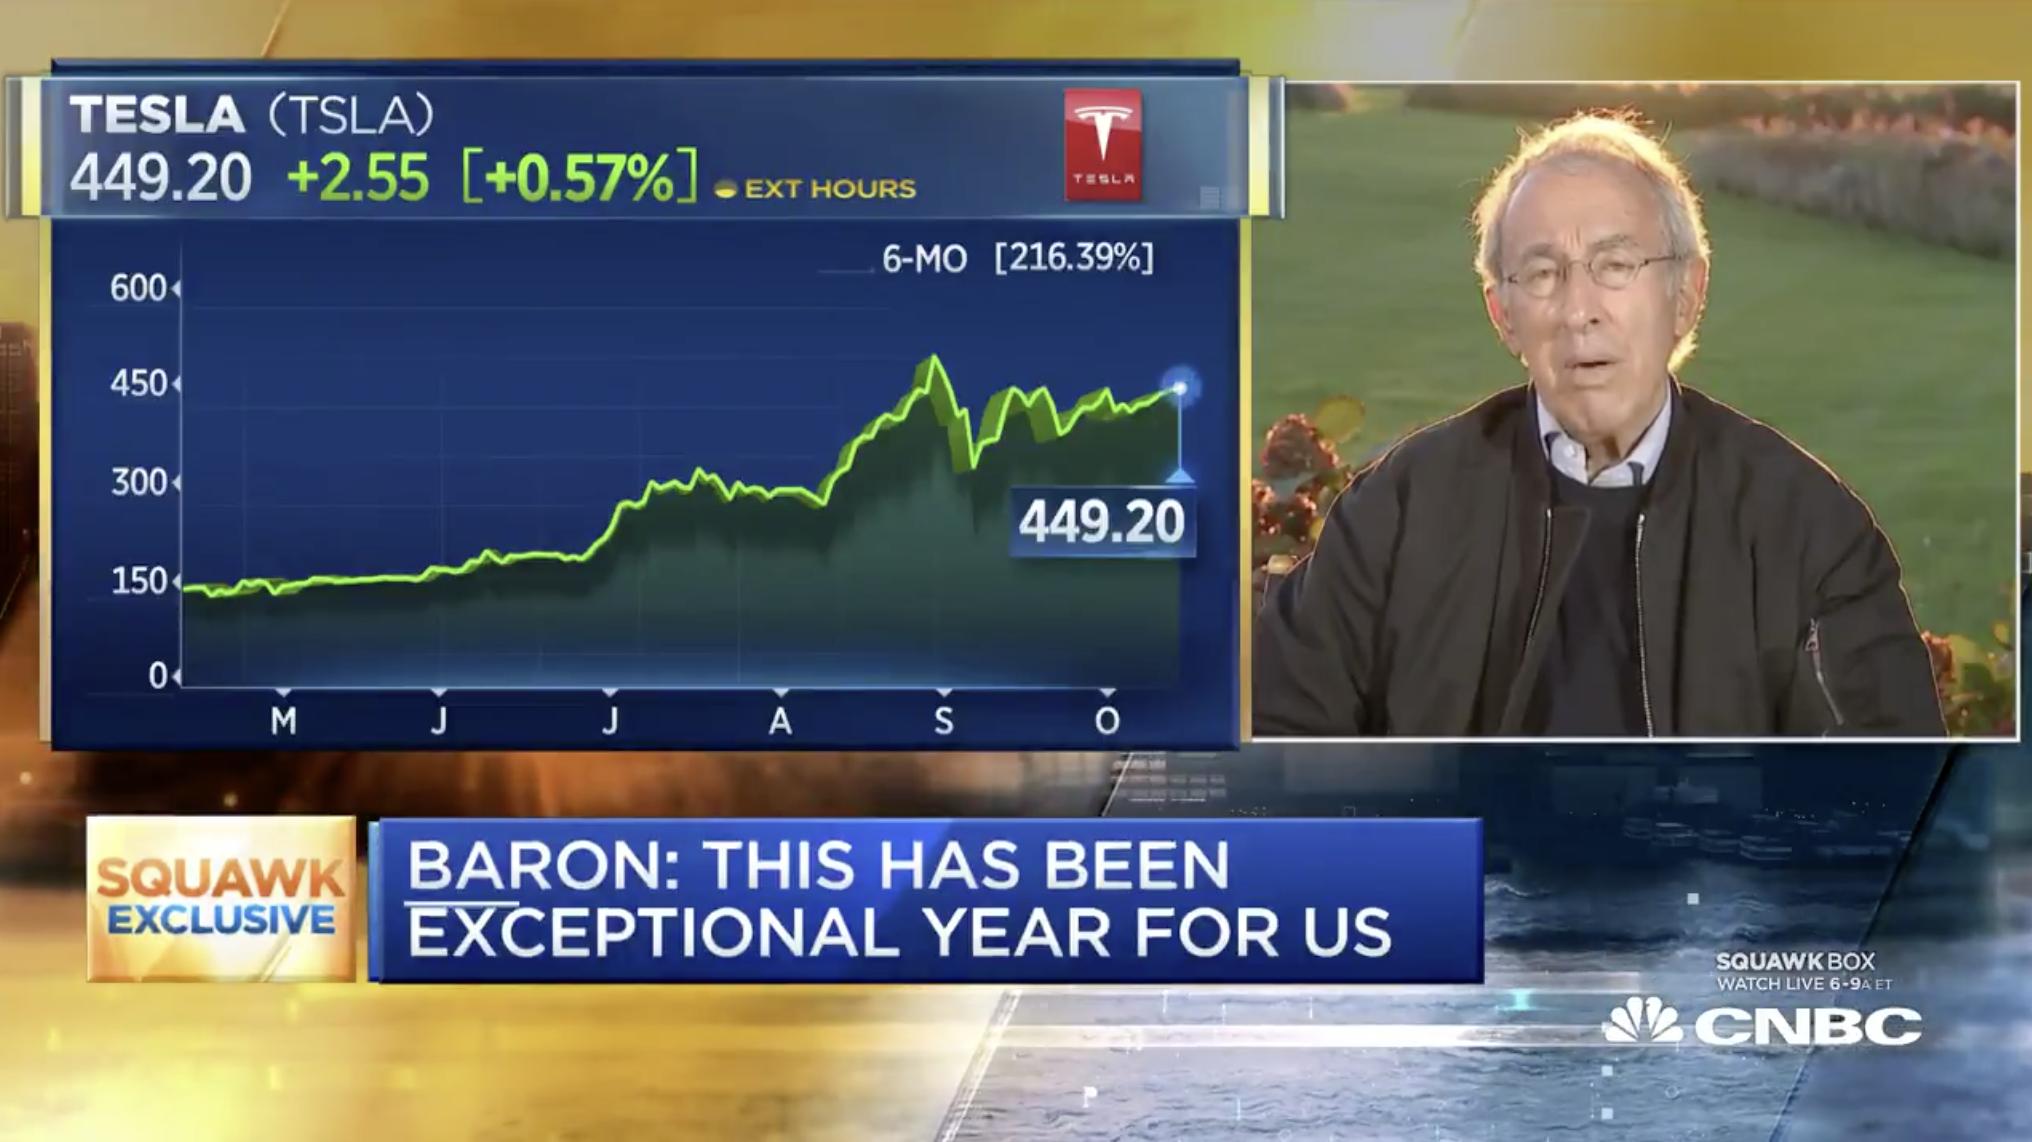 tesla-ron-baron-2-trillion